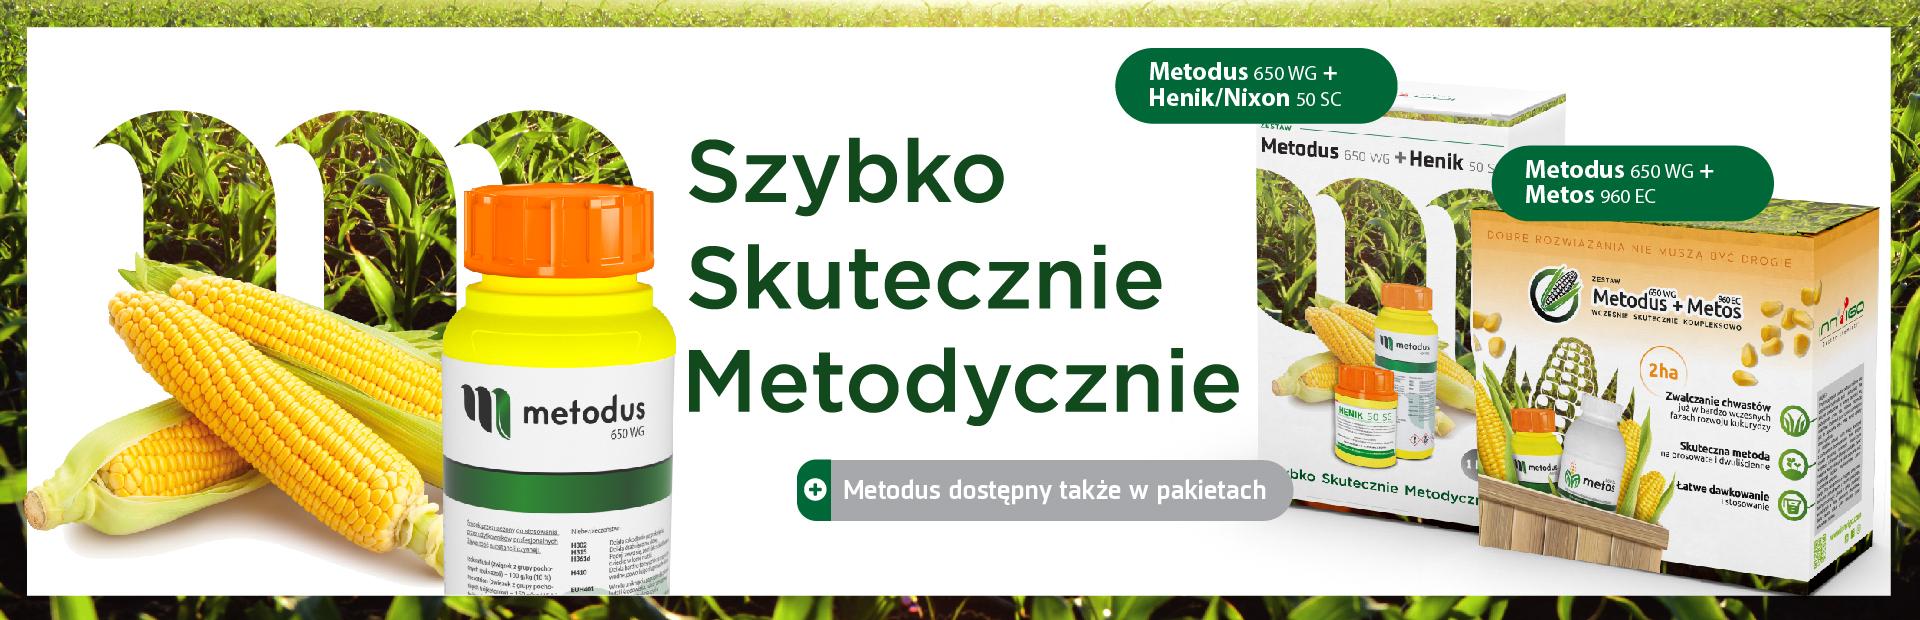 metodus-zwalczanie-chwastow-w-kukurydzy-top